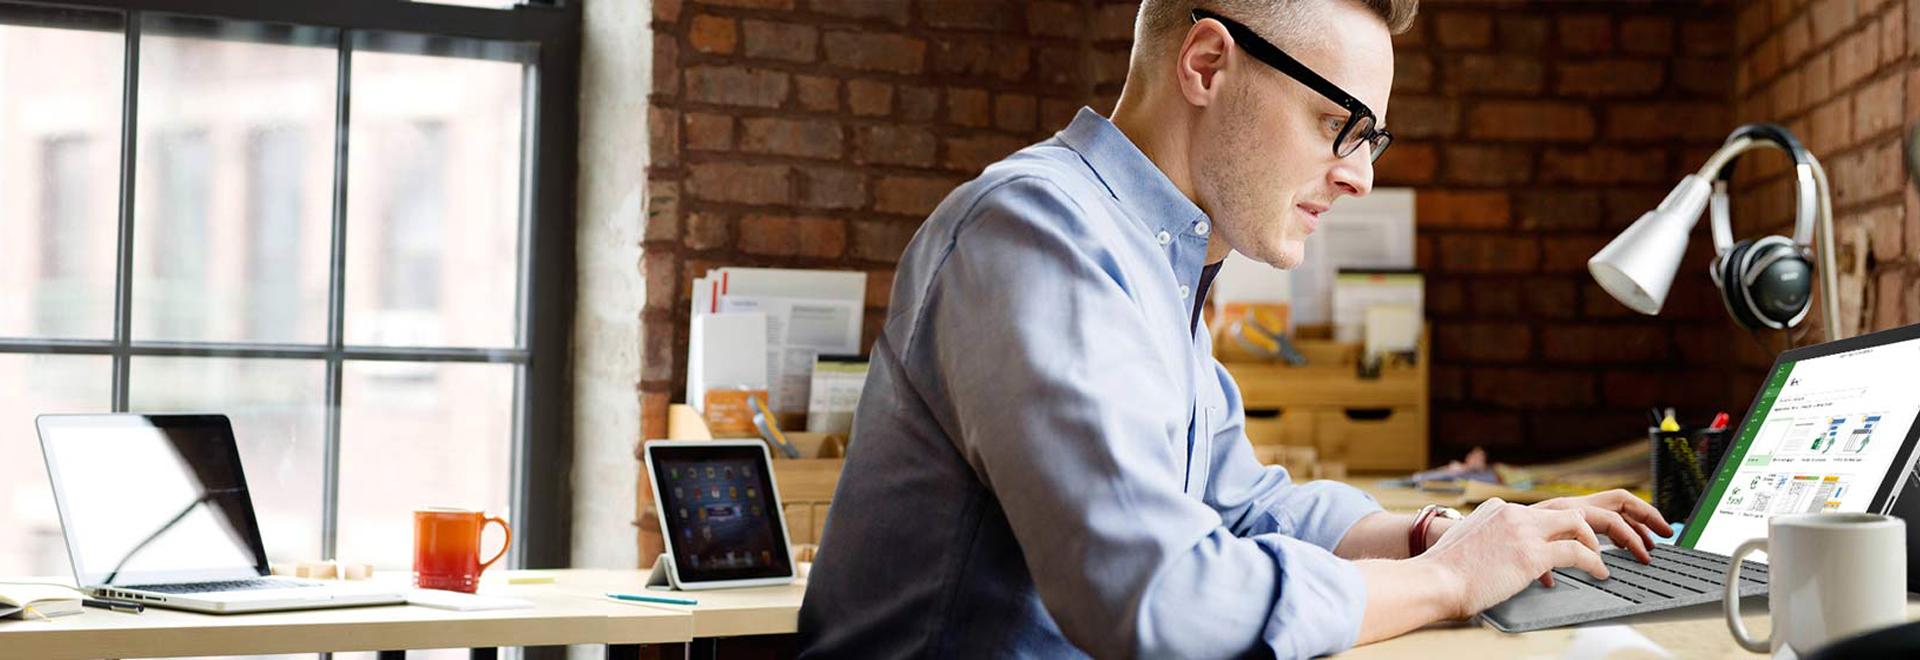 Seorang pria duduk di depan meja dan bekerja pada tablet Surface, menggunakan Microsoft Project.